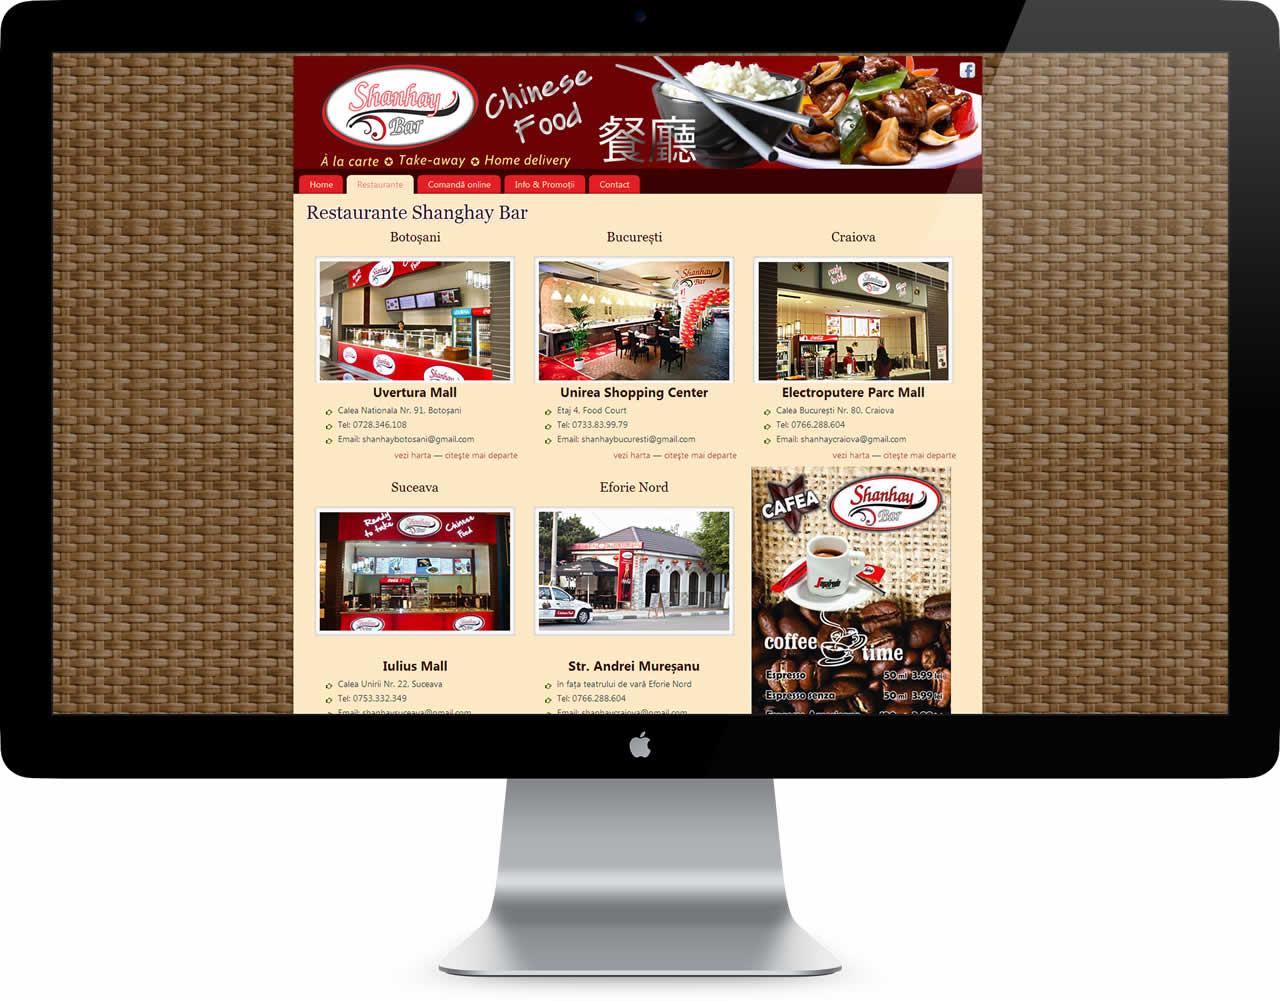 shanhay-03-restaurante-mancare-chinezeasca